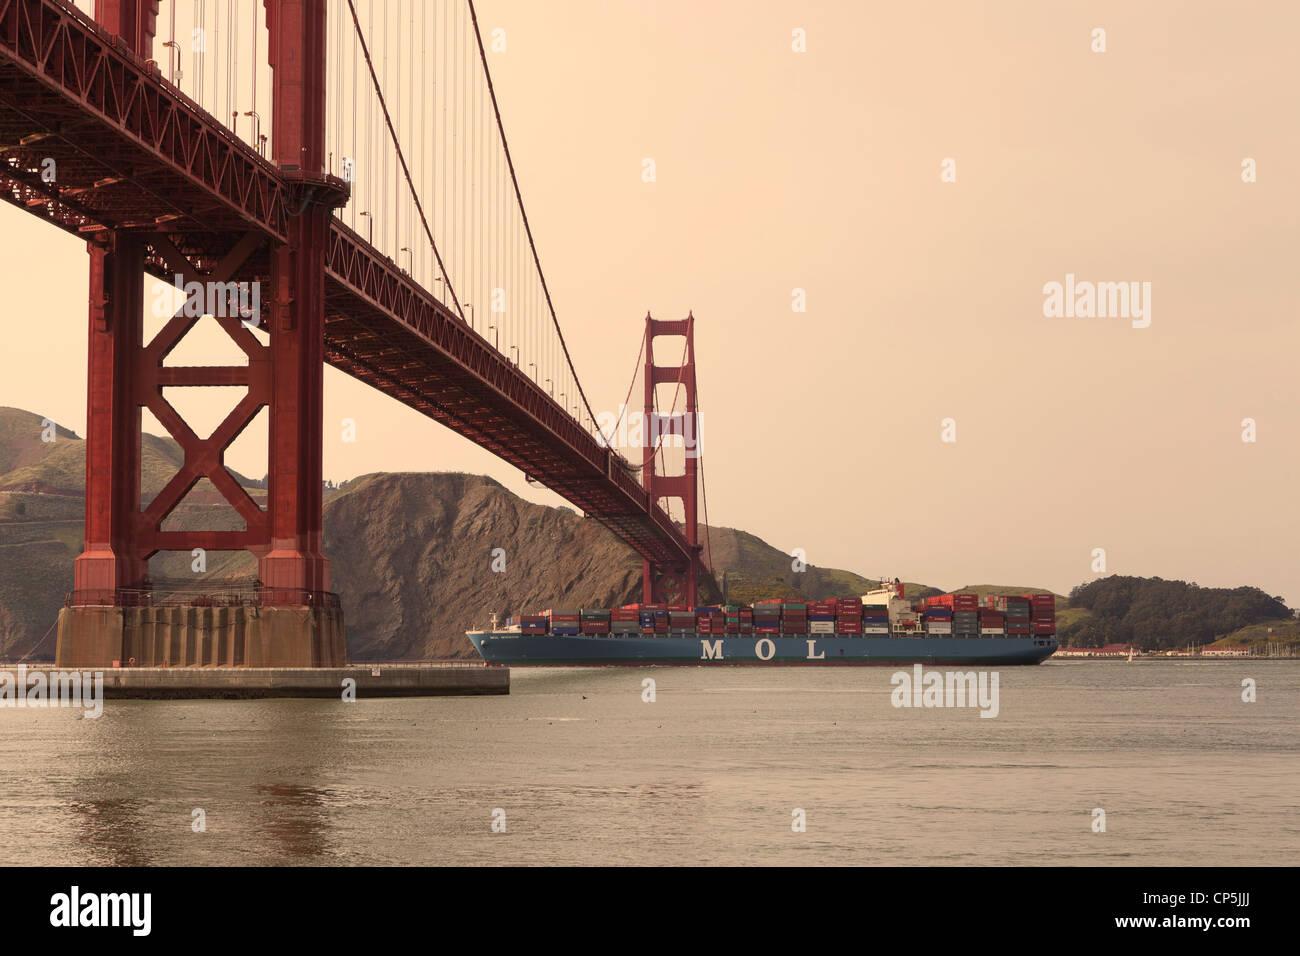 Versand Containerschiff MOL (Mitsui OSK Lines), verlassen die San Francisco Bucht - Kalifornien USA Stockbild